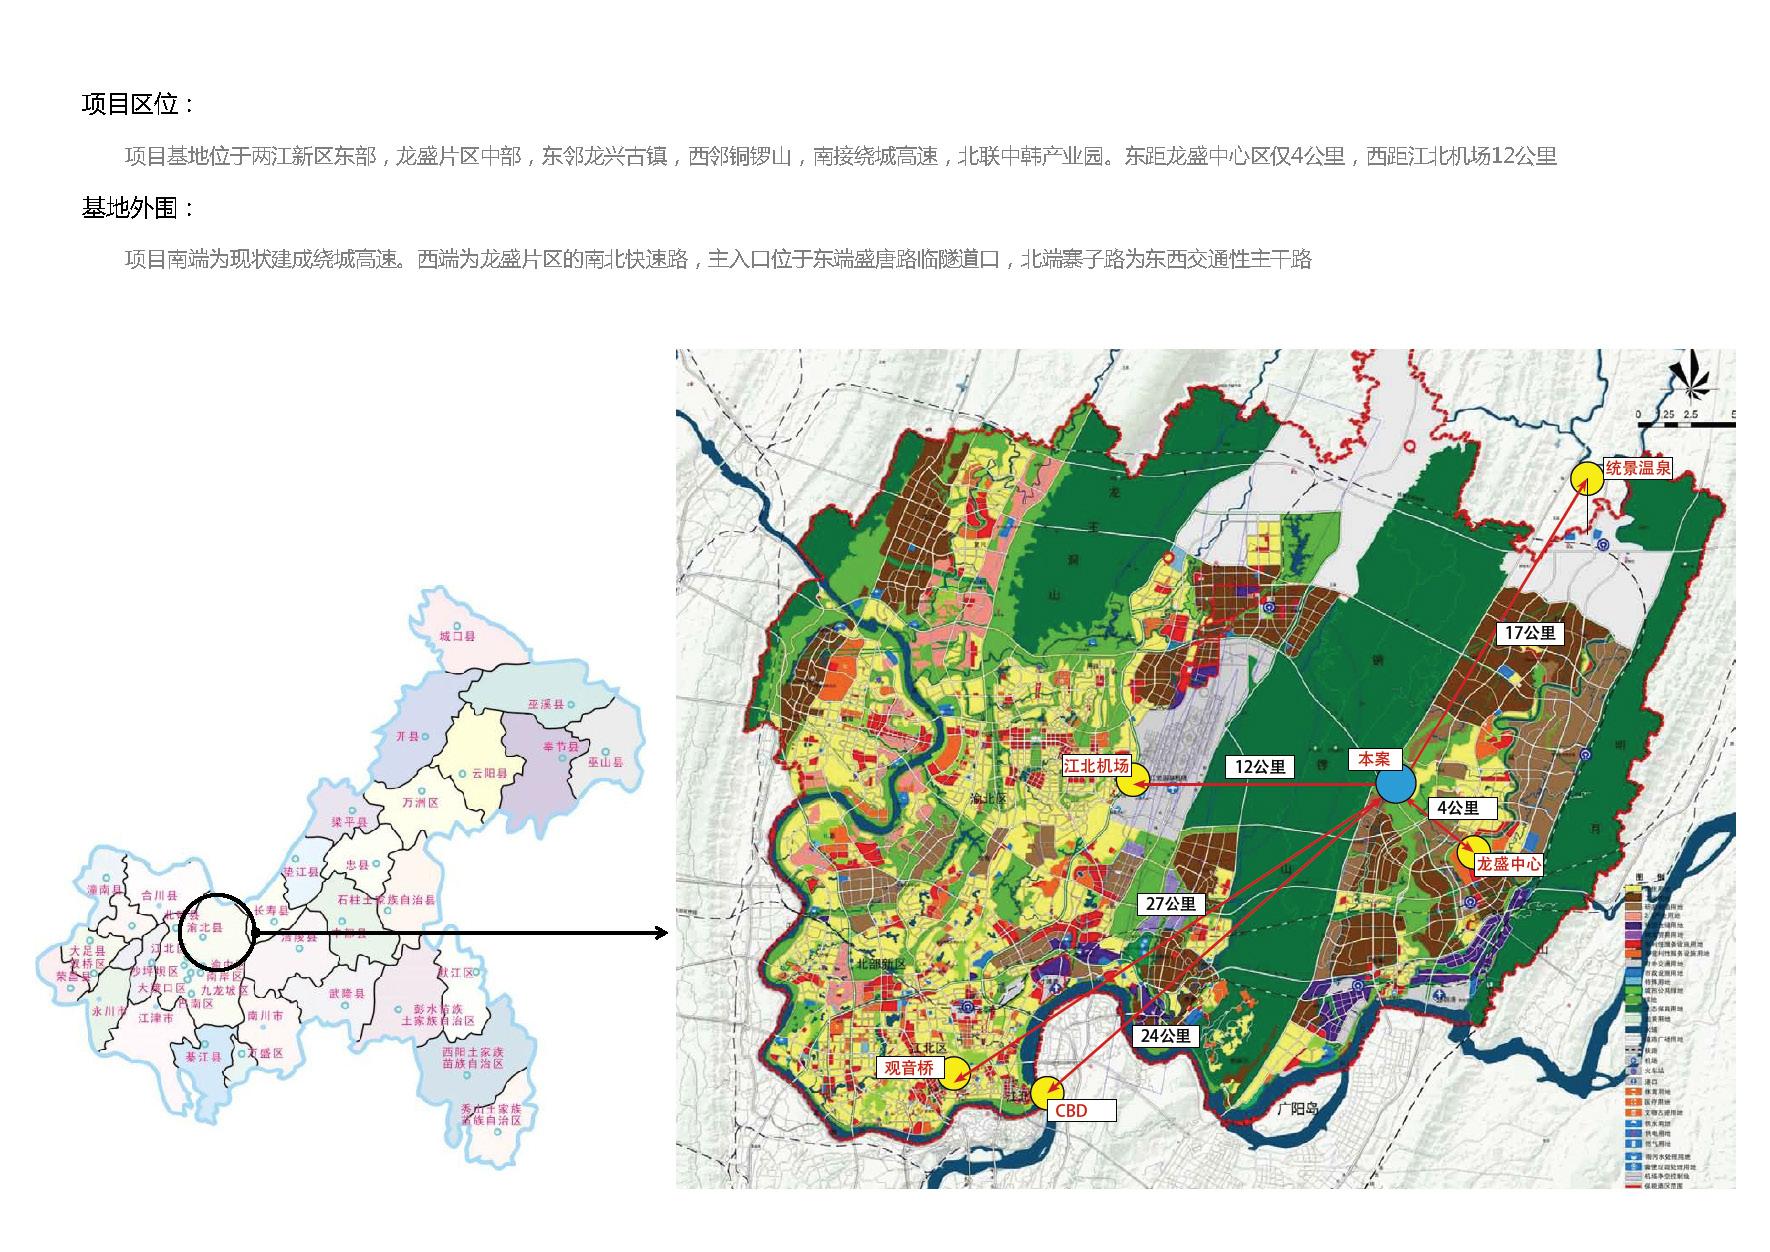 重庆航悦置业有限公司 建筑设计:莱斯·沃里克 景观设计:重庆朴乔景观